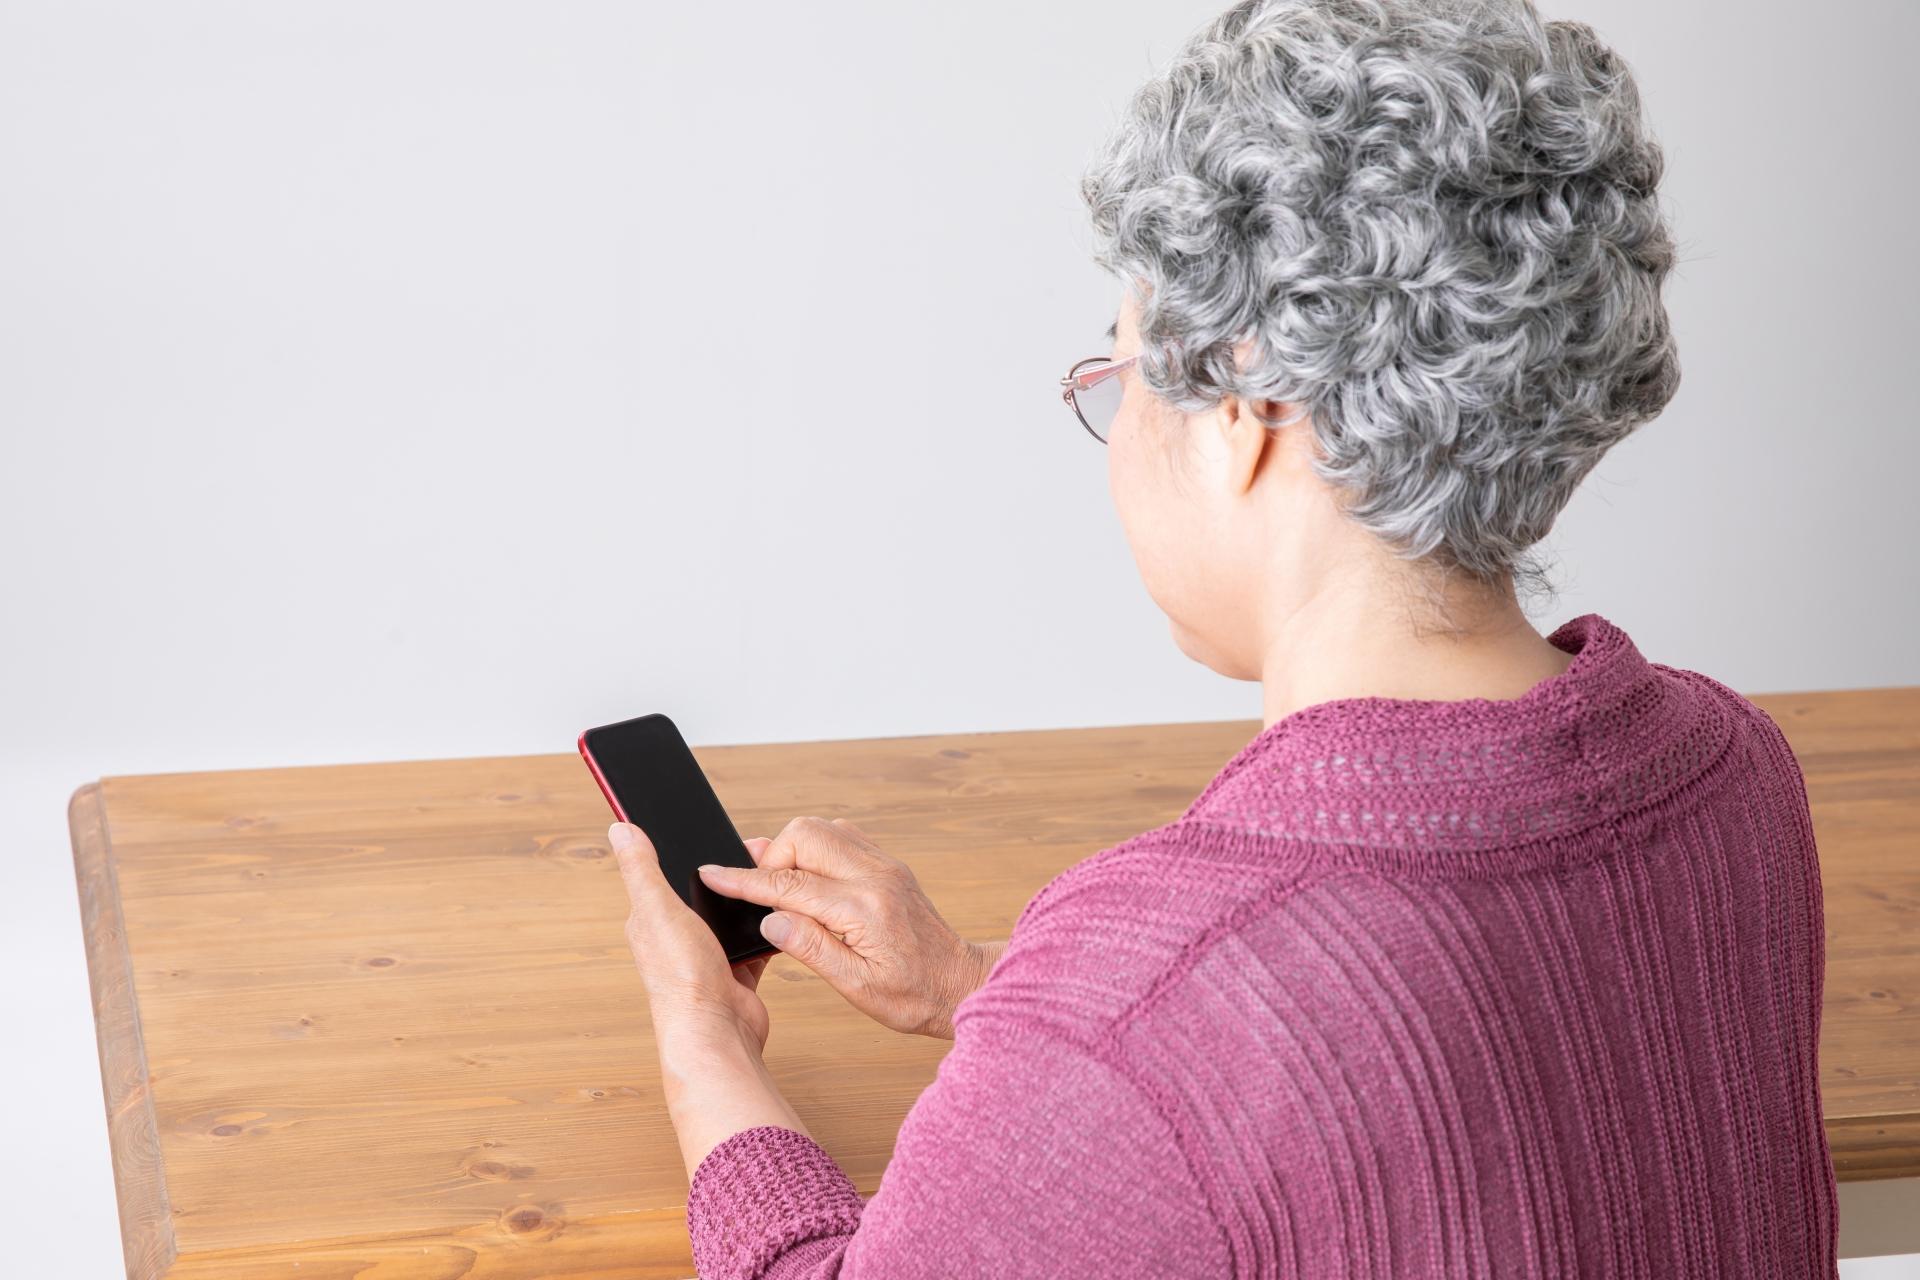 シニア世代のSNS利用率、ナンバー1はLINE【デジタルシニア調査レポート】